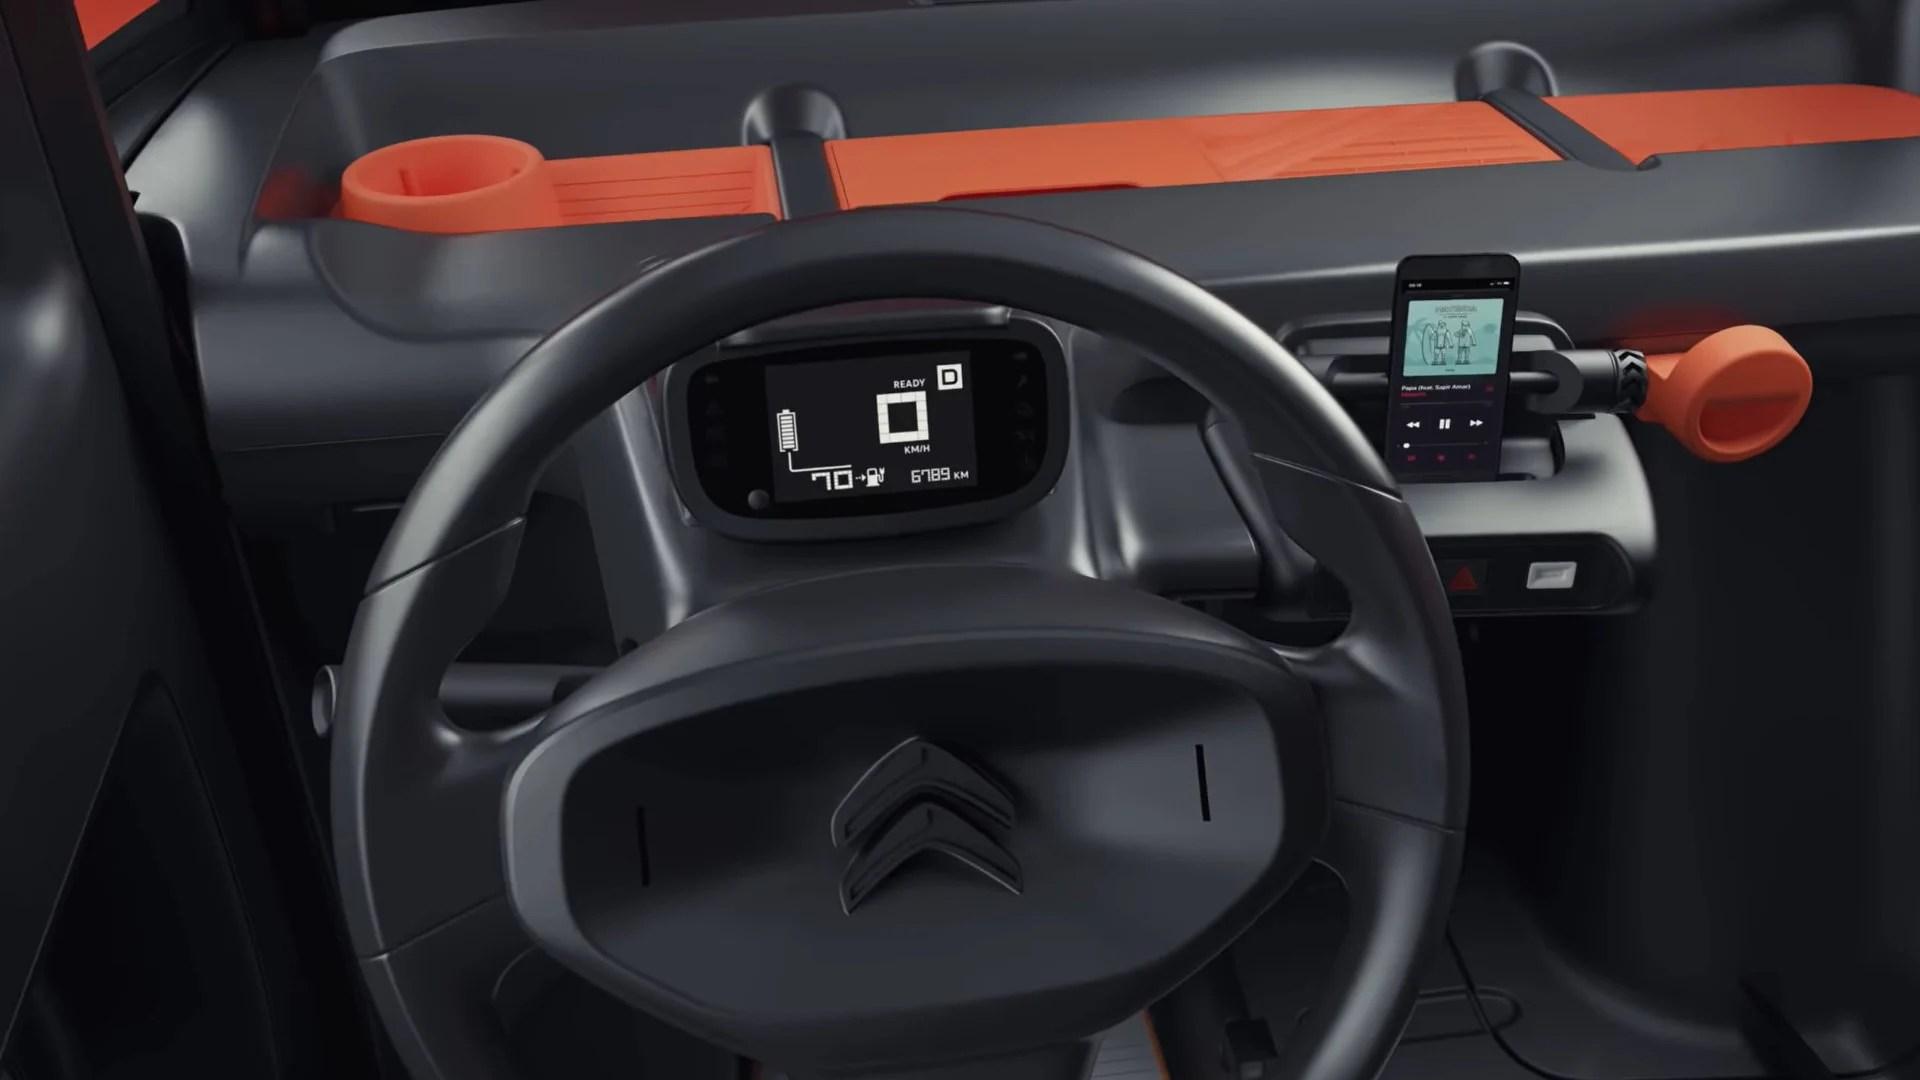 Citroën Ami, usine de Huawei en France et refonte de Netflix sur Chromecast – Tech'spresso